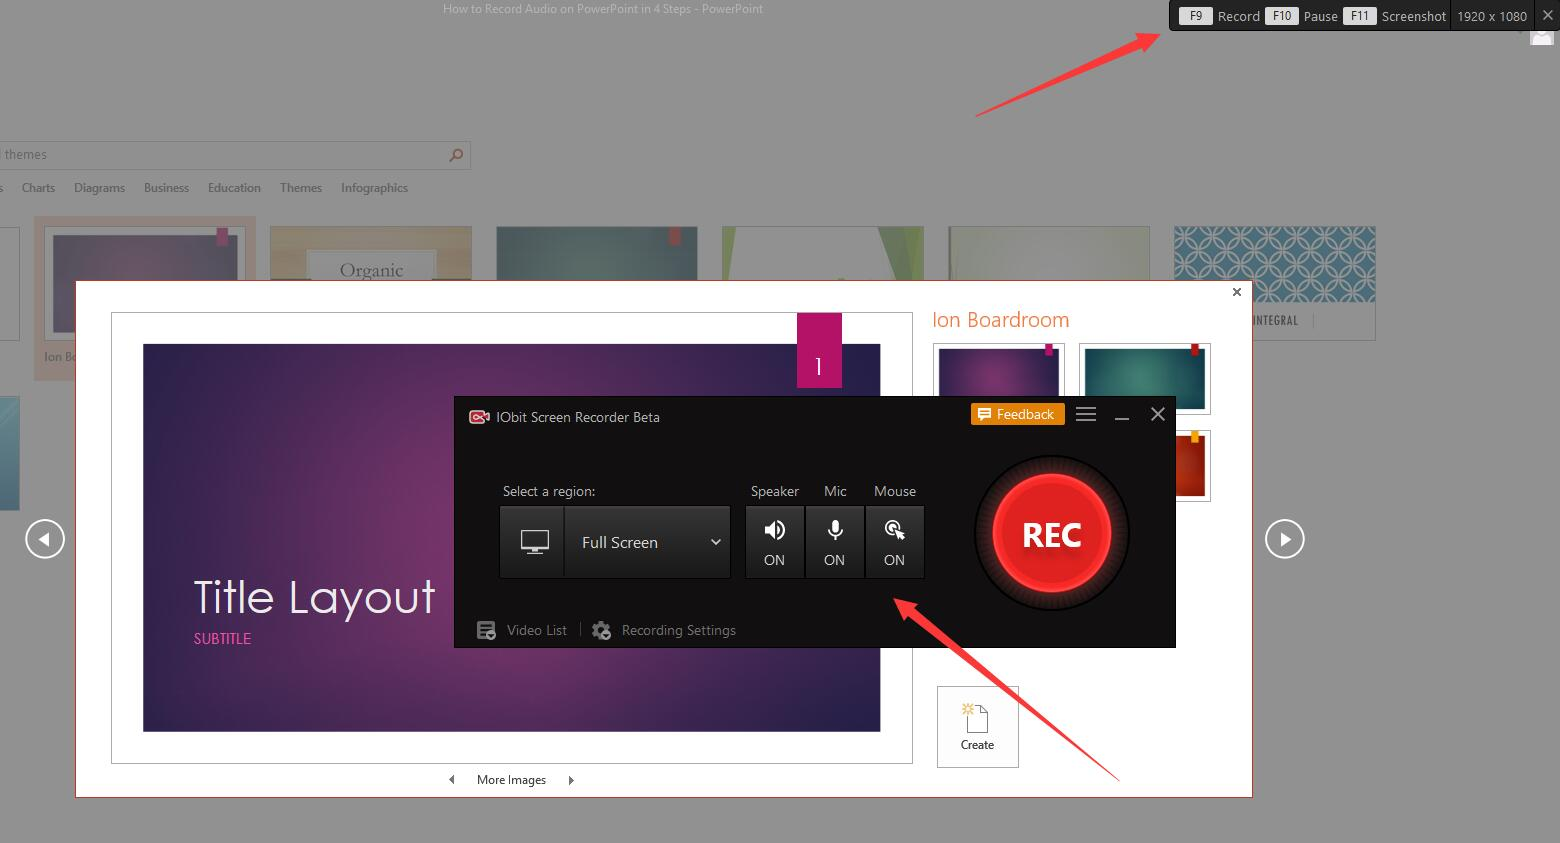 Grabar audio en PPT con iFun Screen Recorder - Paso 3